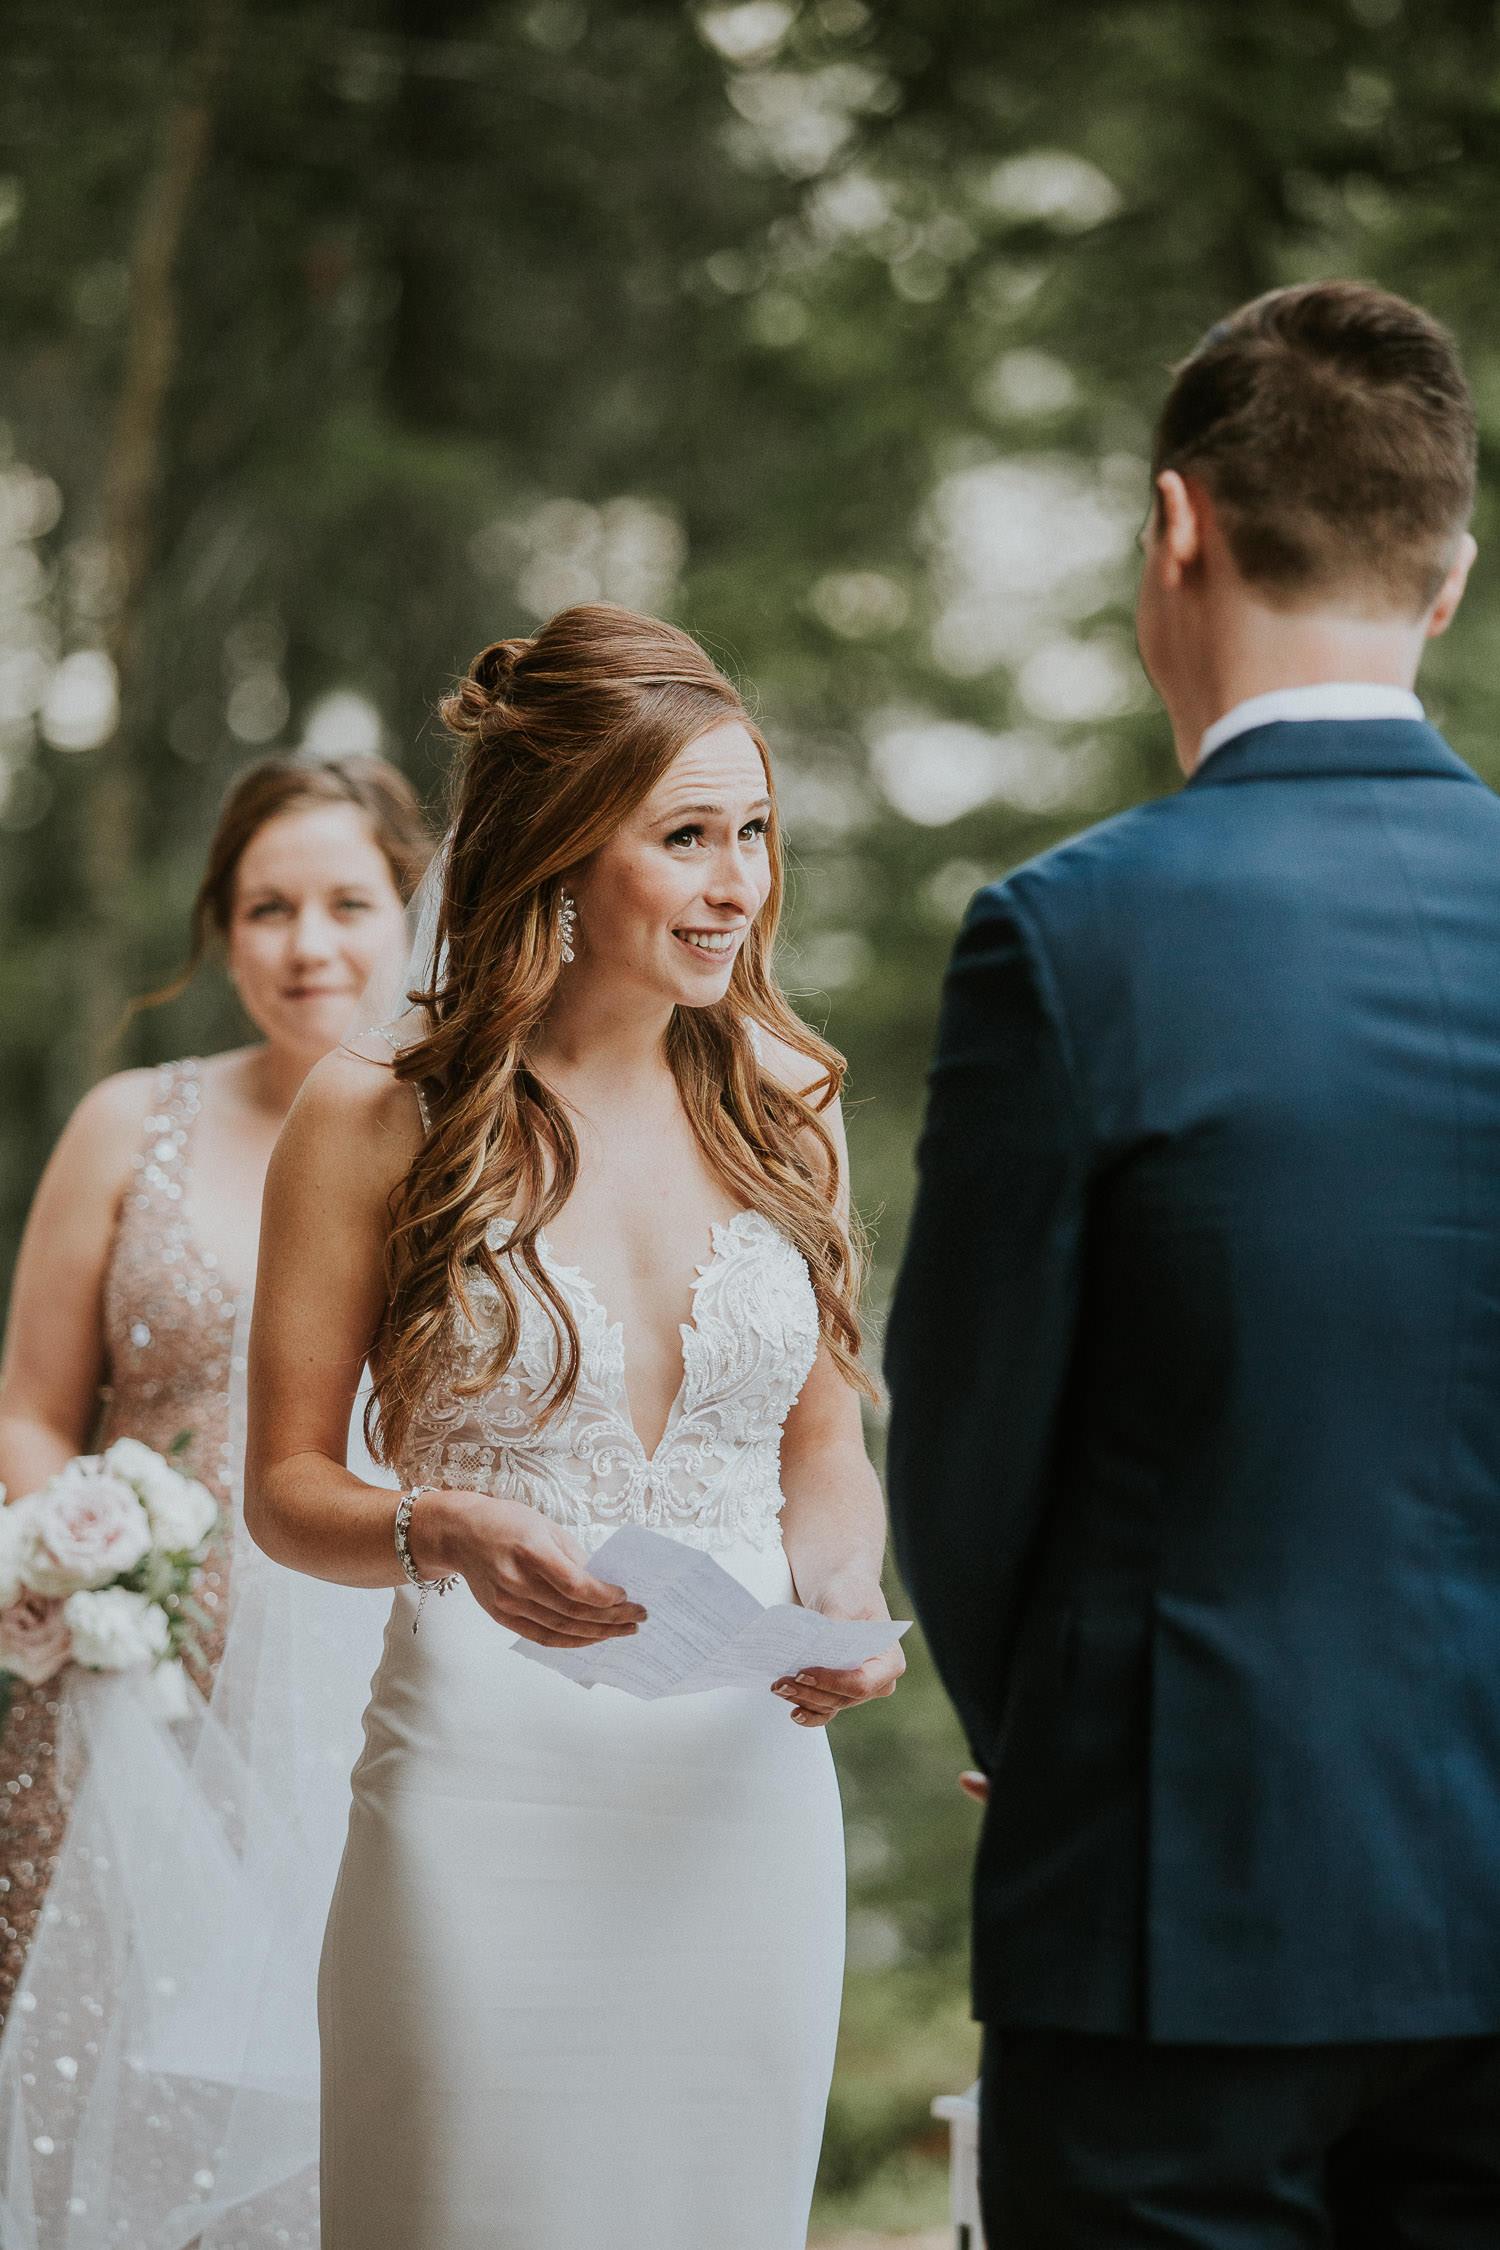 stewart-creek-wedding-sarah-pukin-255